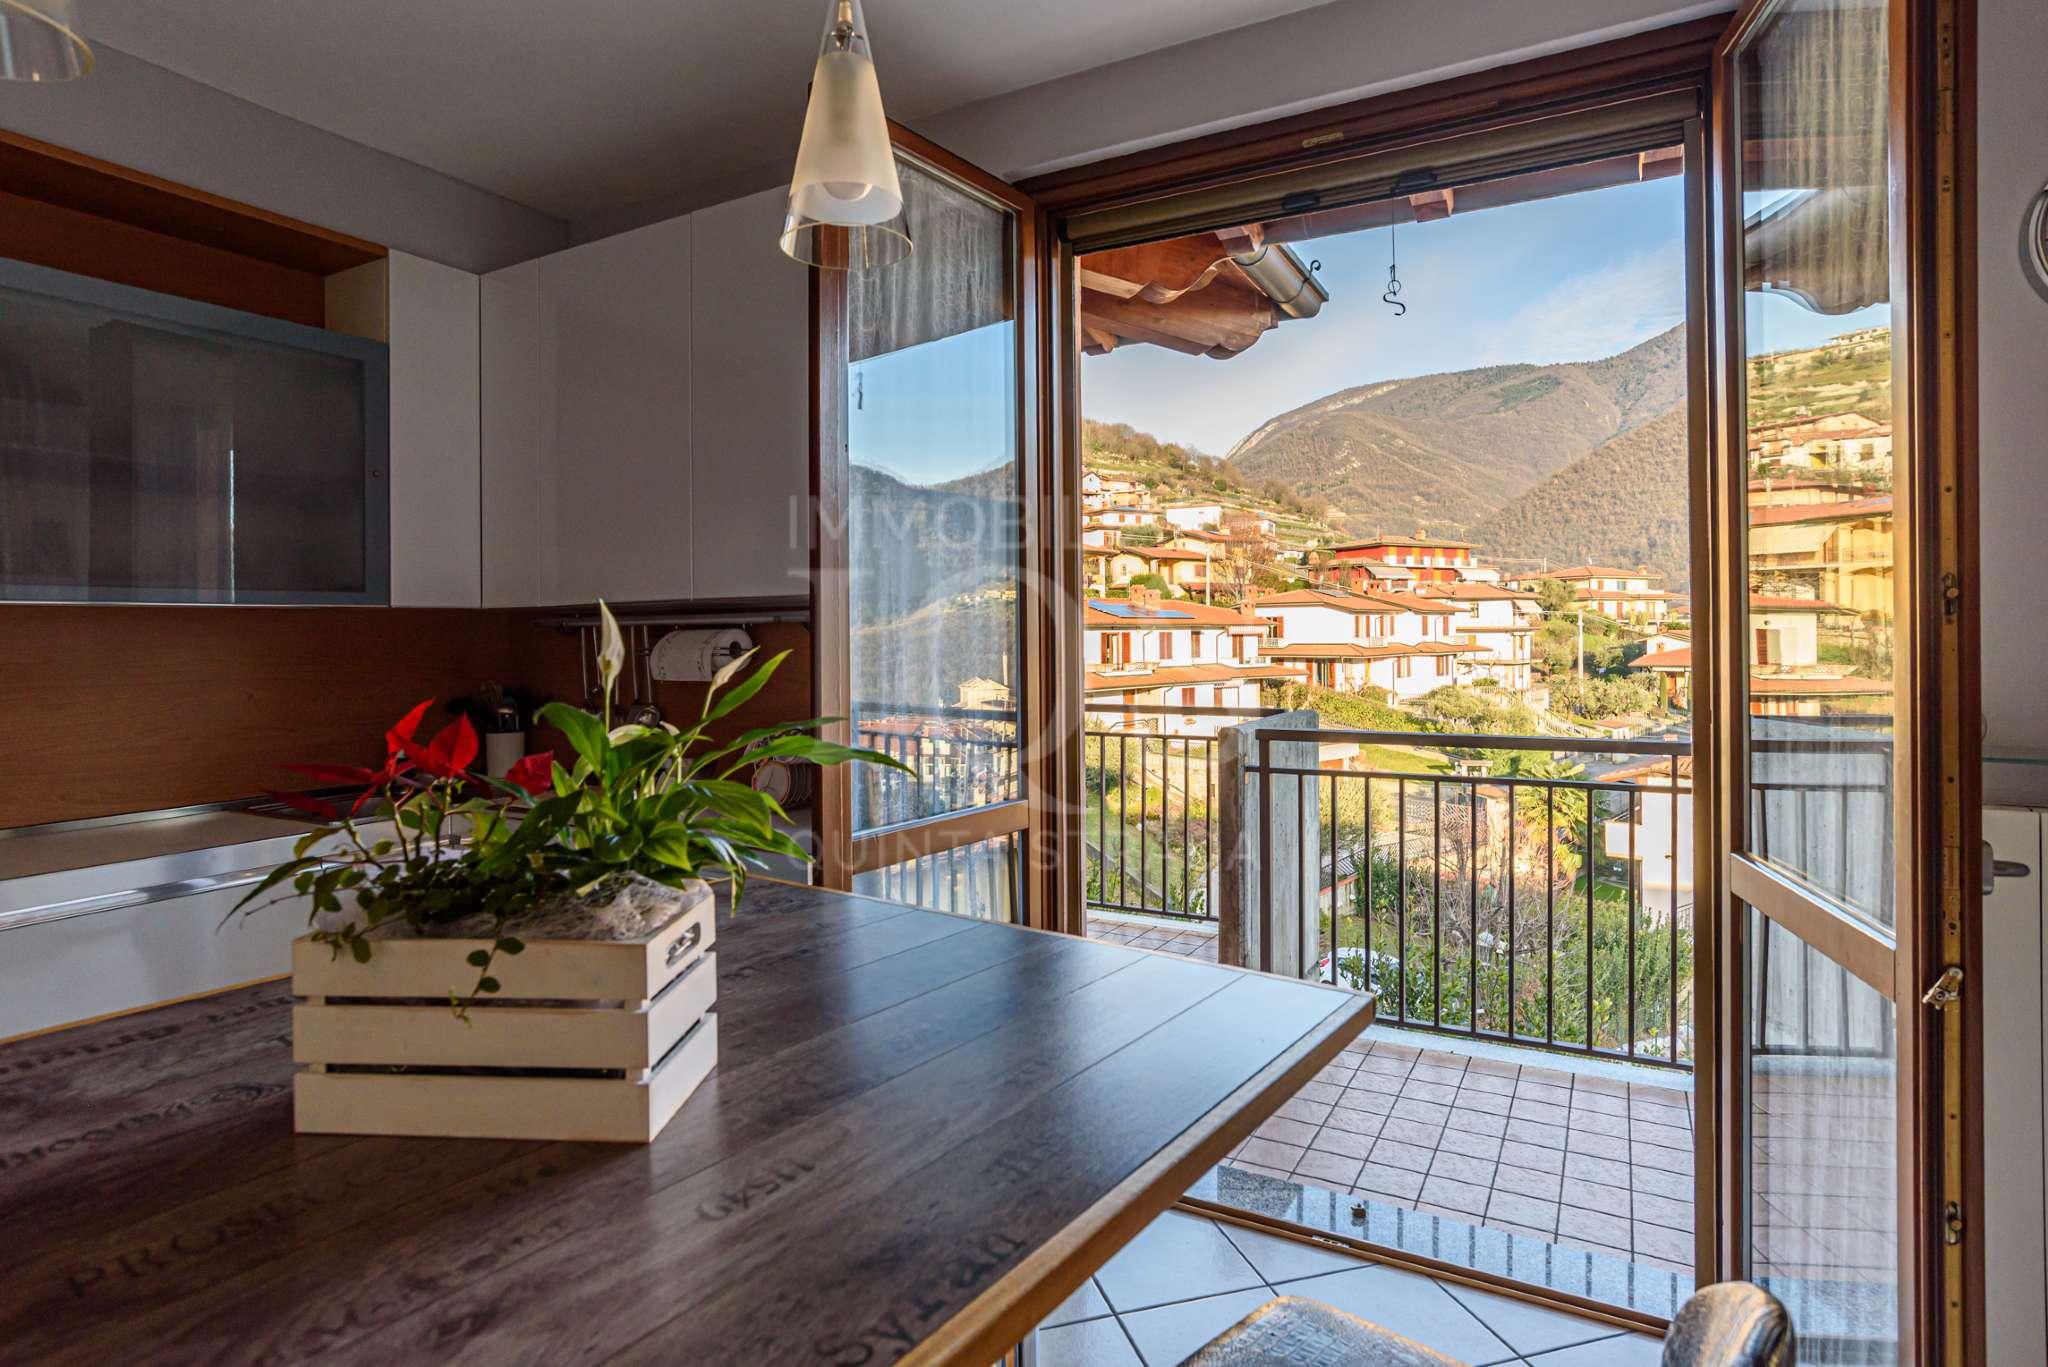 Appartamento in vendita a Adrara San Martino, 3 locali, prezzo € 135.000 | PortaleAgenzieImmobiliari.it